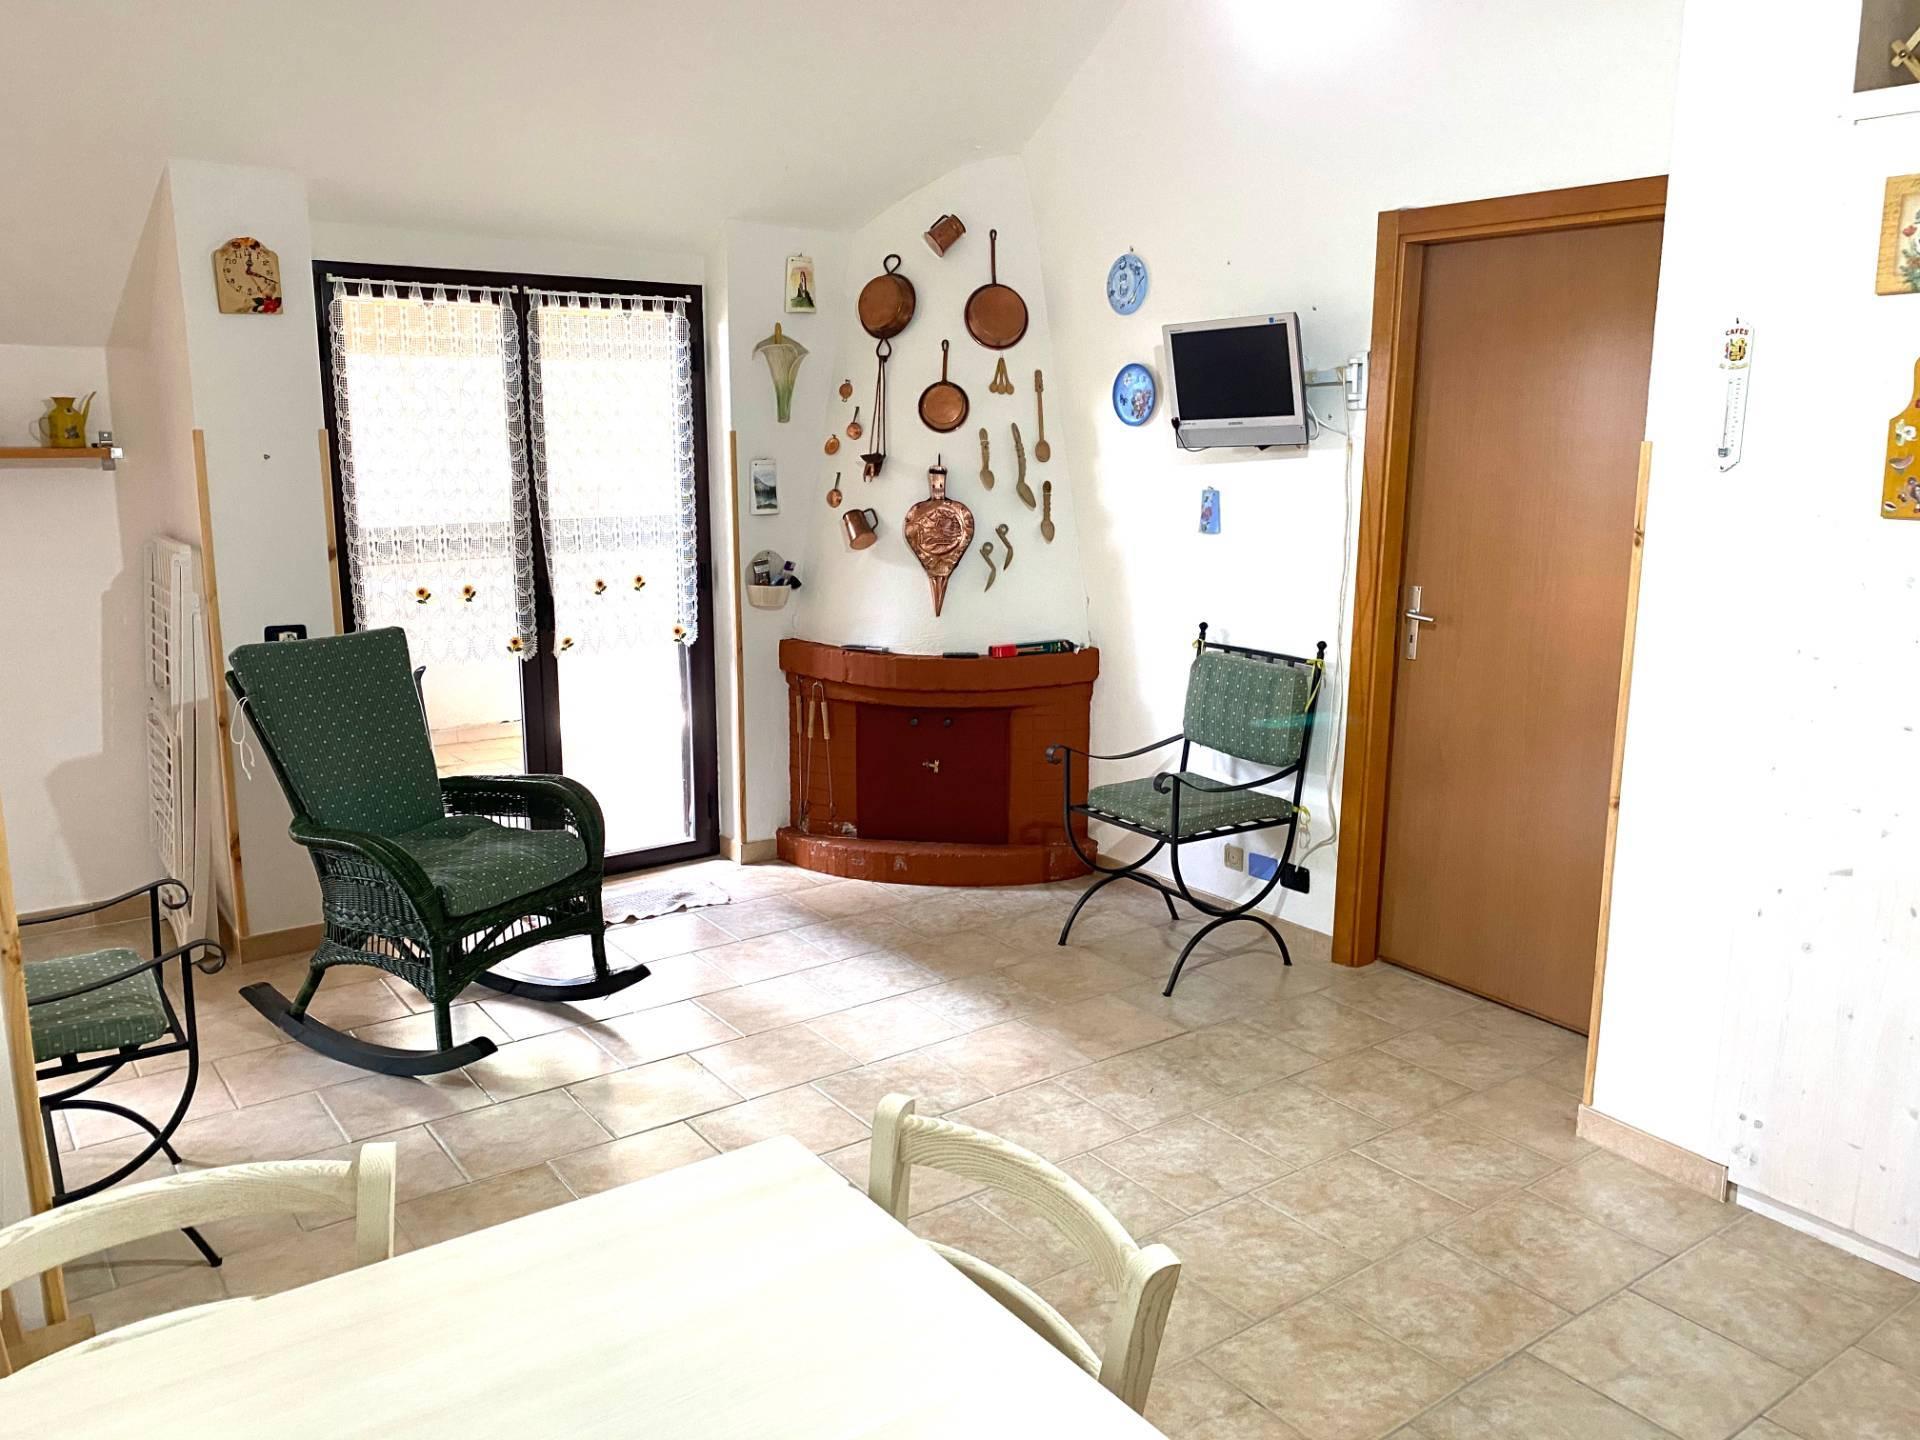 Appartamento in vendita a Taverna, 2 locali, prezzo € 32.000 | CambioCasa.it